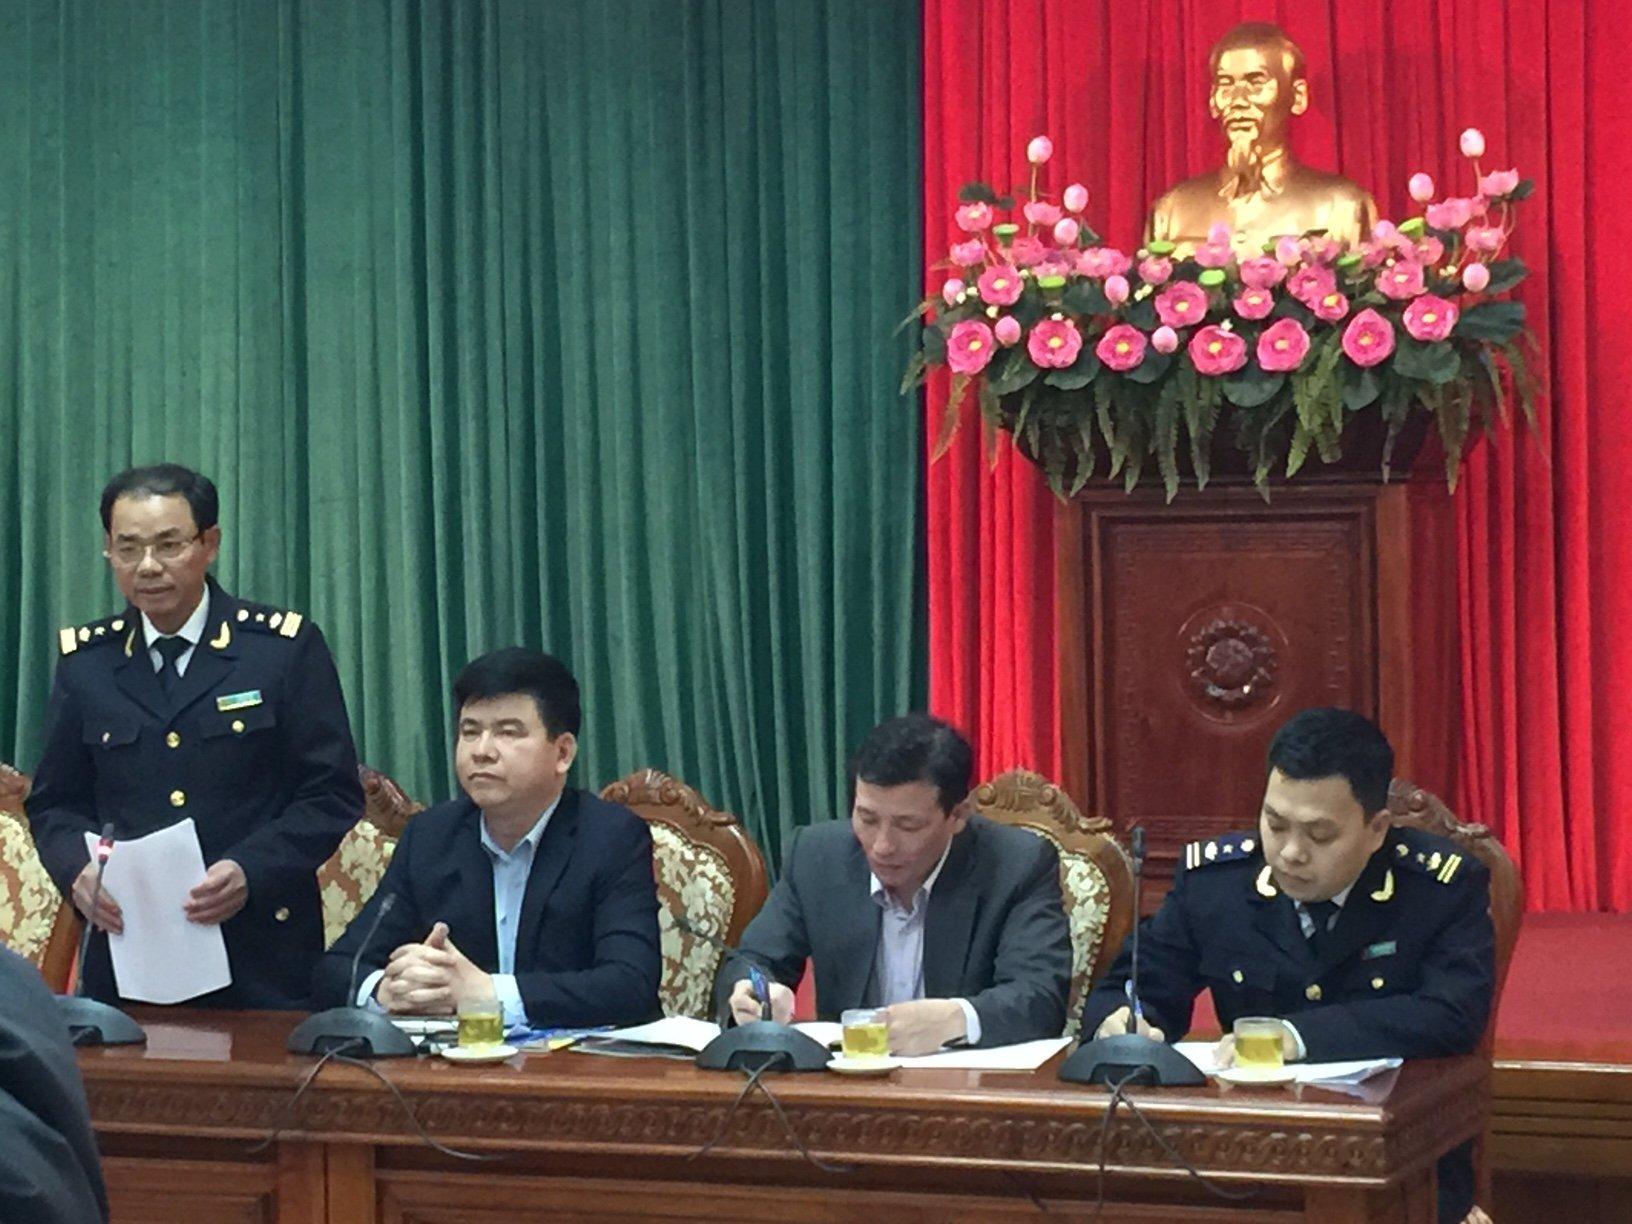 Cục Hải quan Hà Nội: một năm nhìn lại và hướng đi trong năm 2017 1